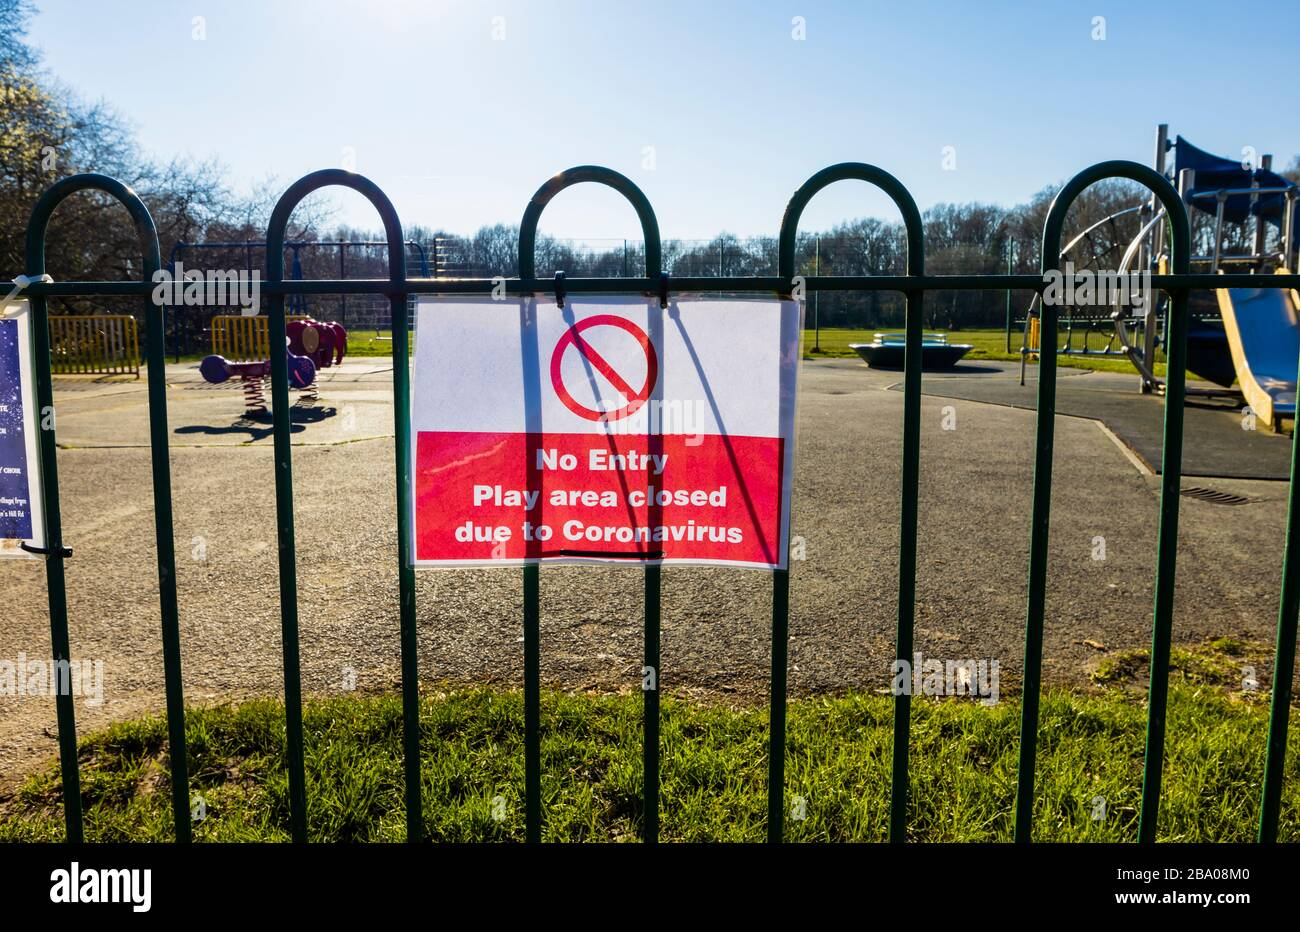 Cierre: Firme en las barandillas de un parque infantil para niños en un parque: Sin entrada; área de juegos cerrada debido a Coronavirus: St John's Lye, Woking, Surrey Foto de stock